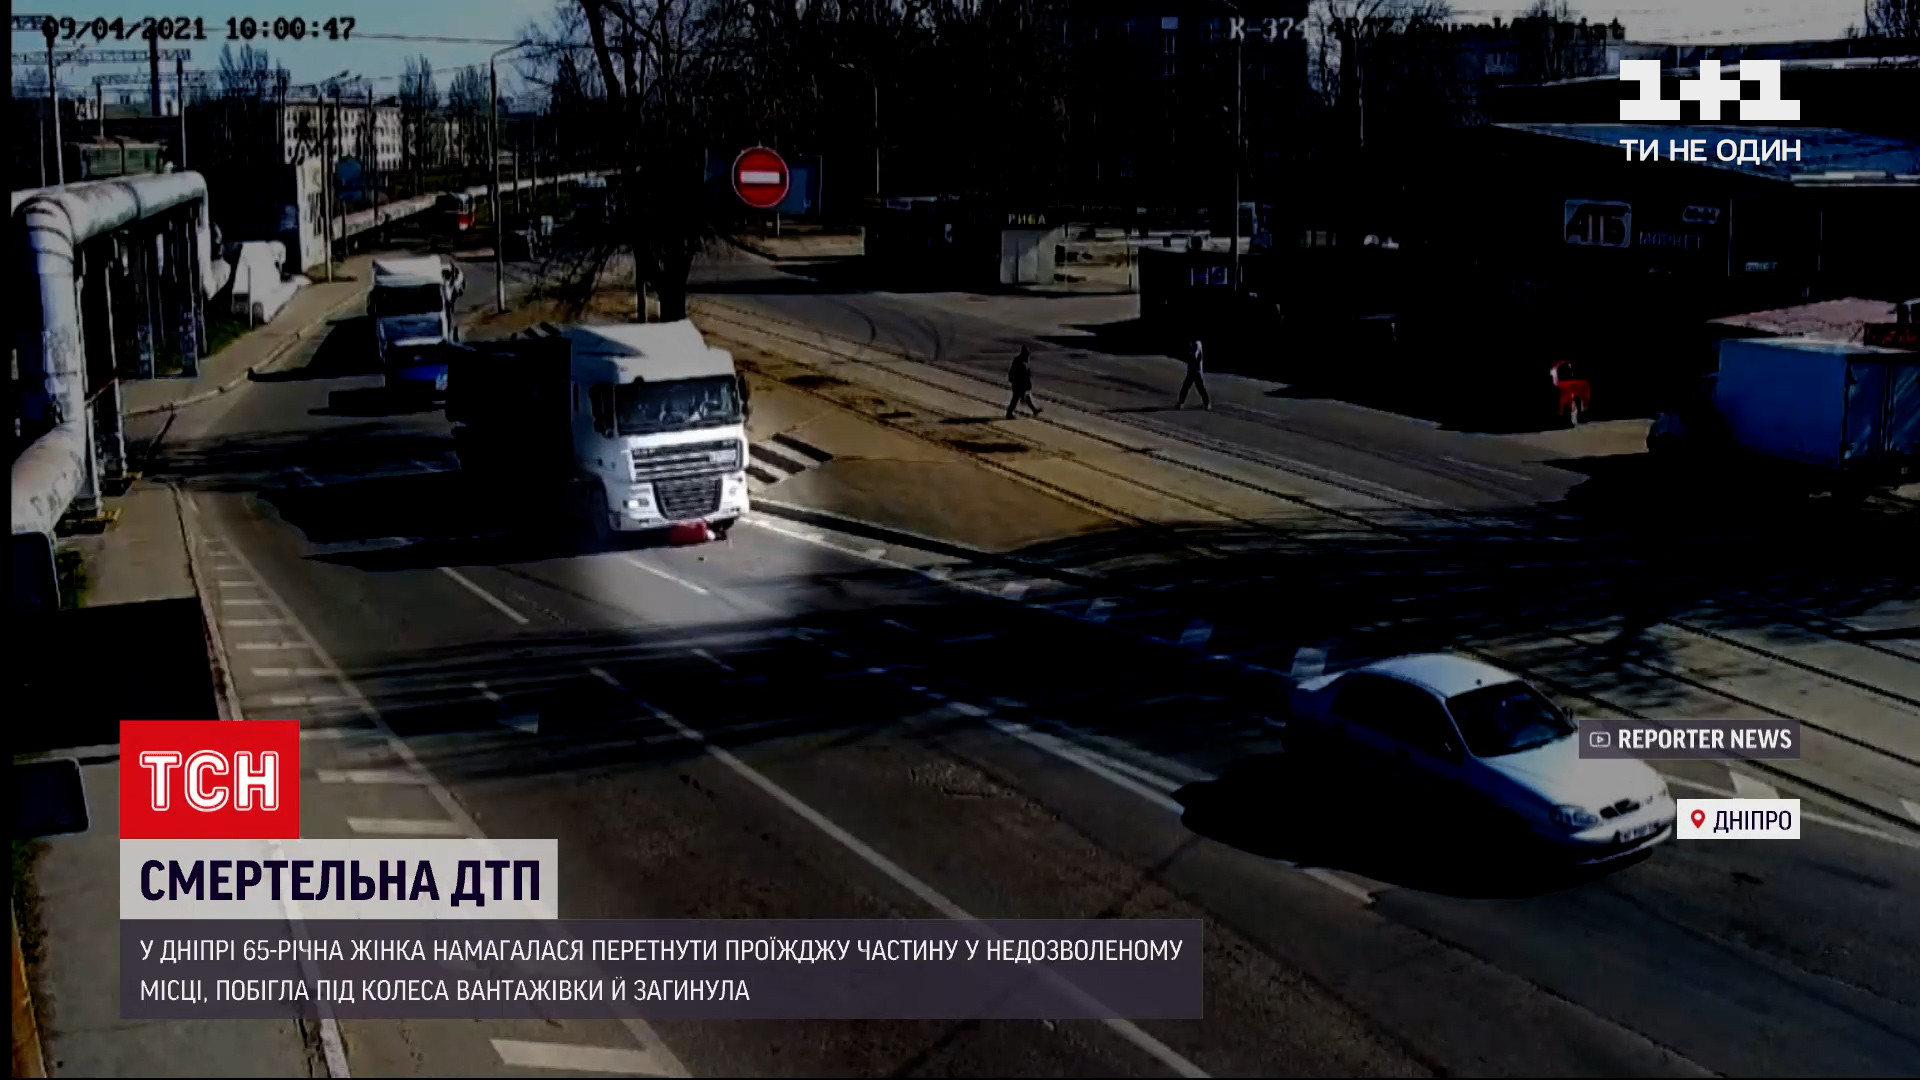 Водитель фуры не видел женщину, поэтому продолжил движение / скриншот извидео